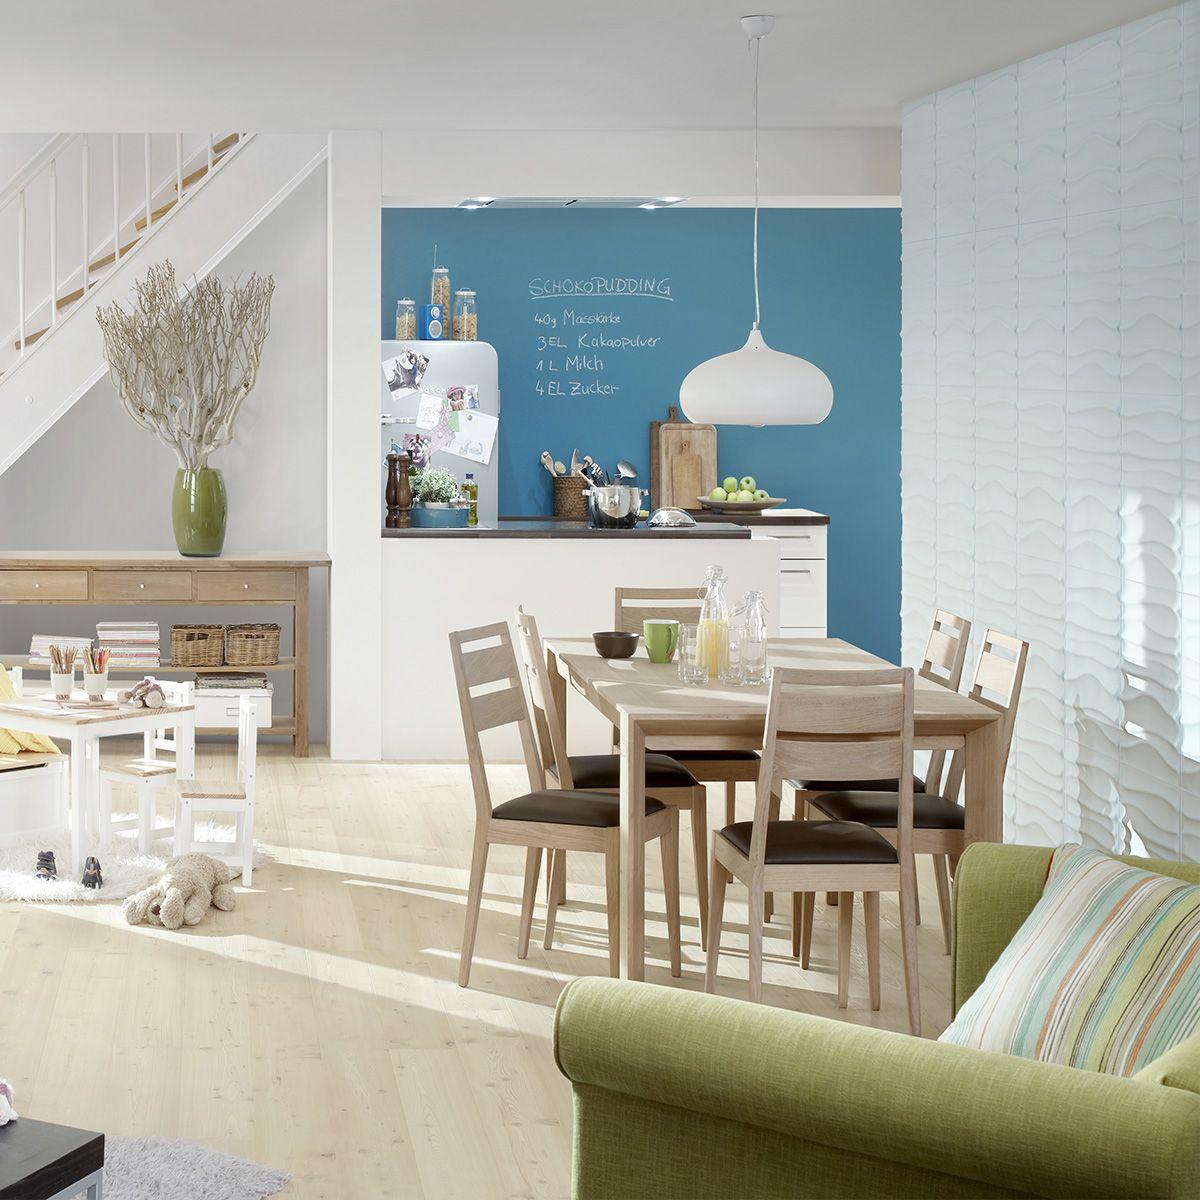 design by kalle 3D WALL PANEL kalle #interiordesign #design #homedecor #love  design by kalle